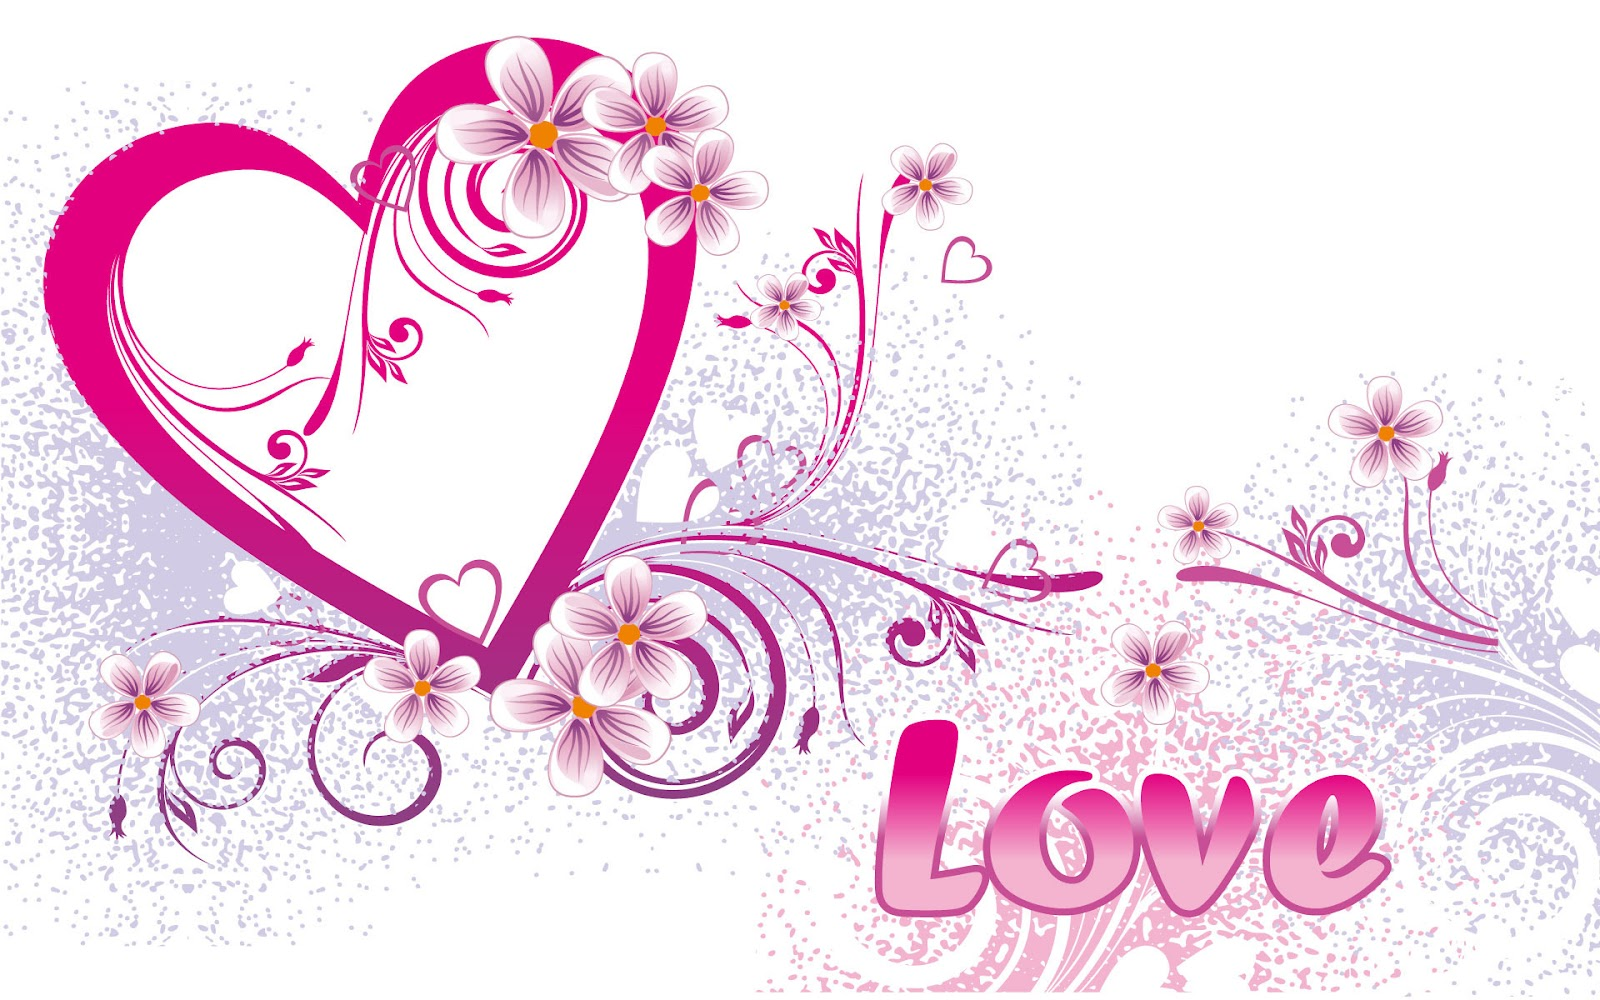 http://1.bp.blogspot.com/-D1iSdBL5HMY/T8pIfjkJ_TI/AAAAAAAAA44/BXd5loqaVdI/s1600/love+wallpapers+(5).jpg